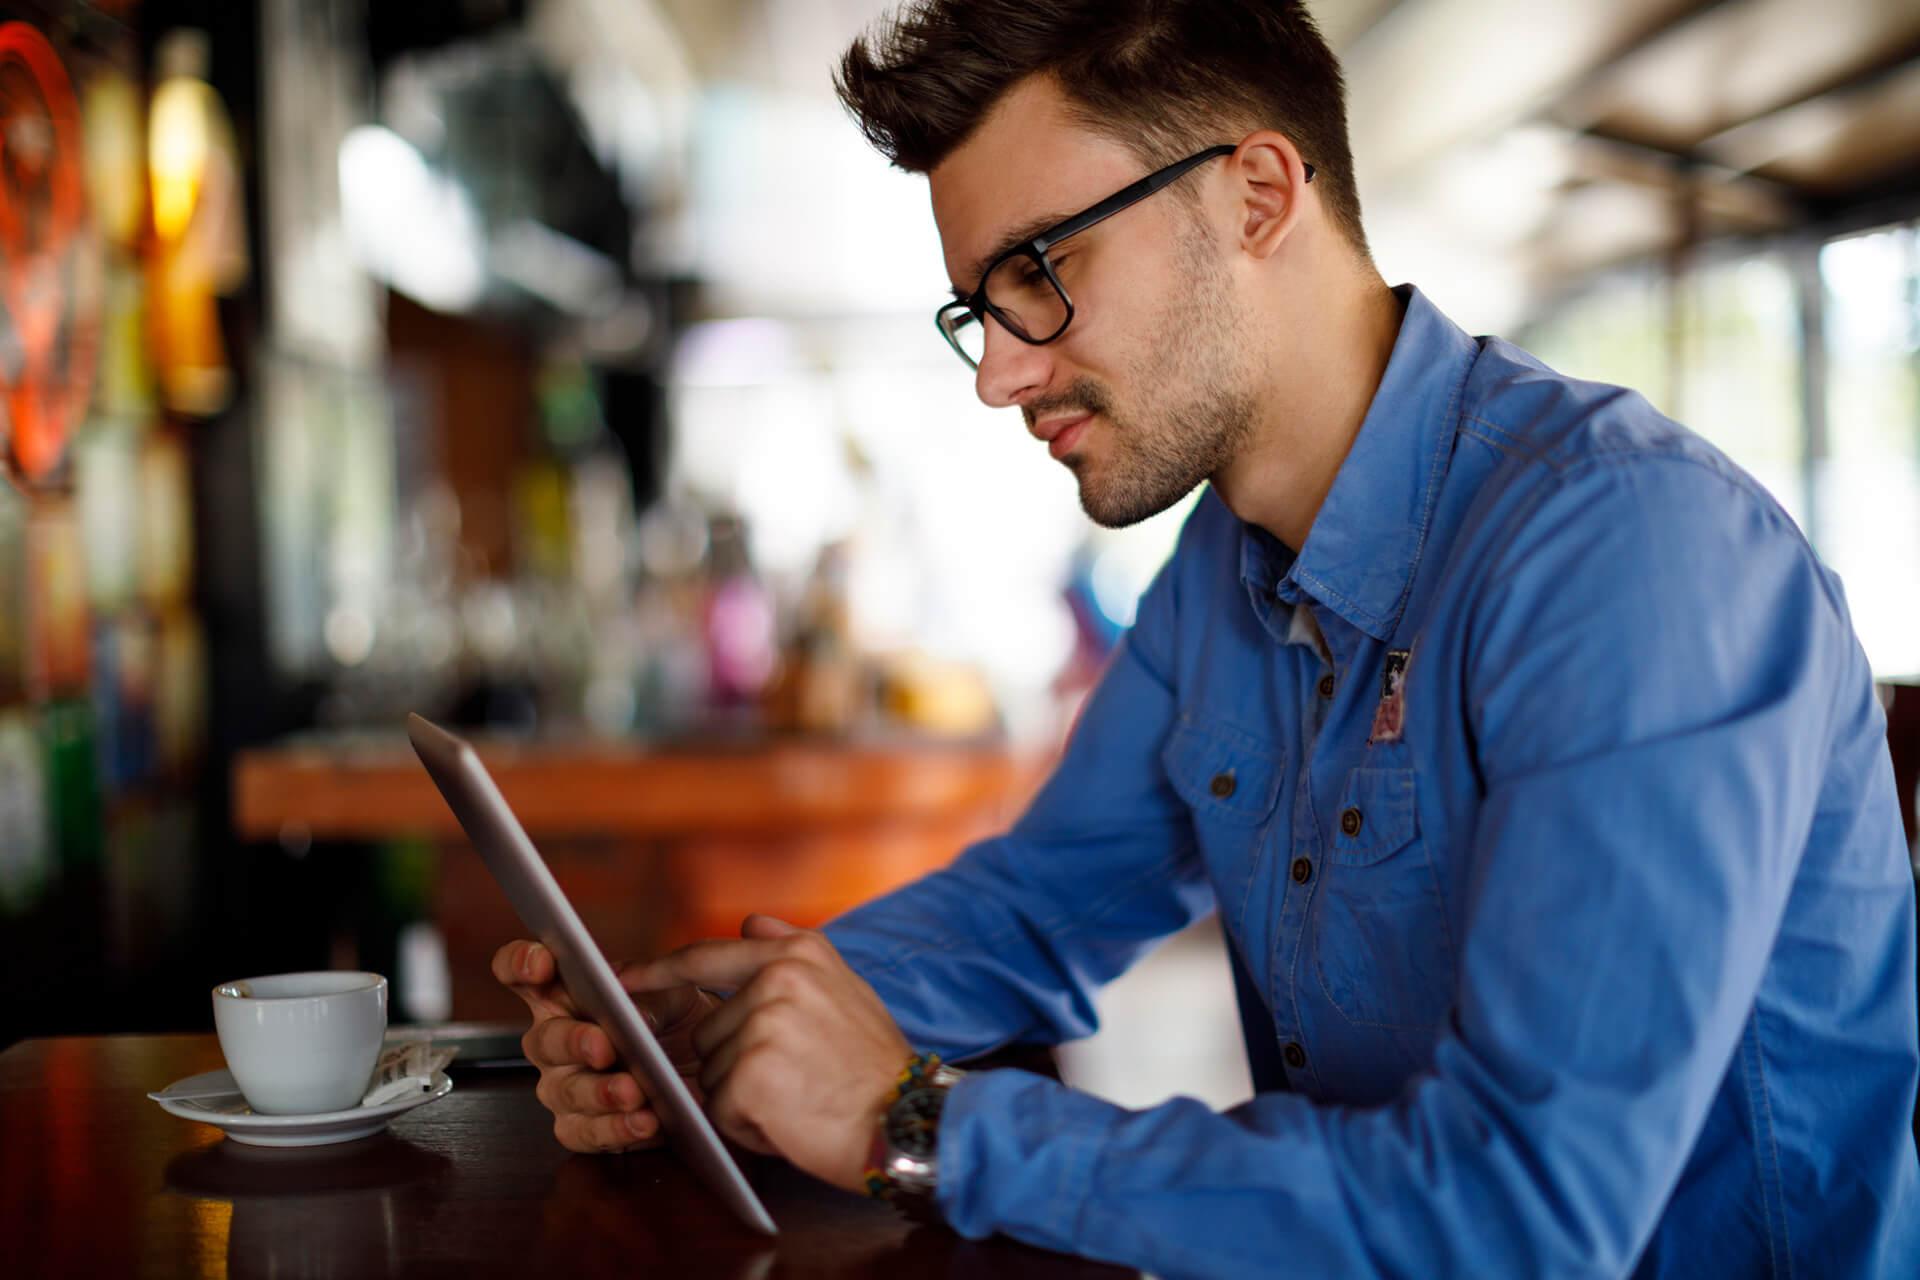 Junger Mann liest etwas im Tablet in einem Café